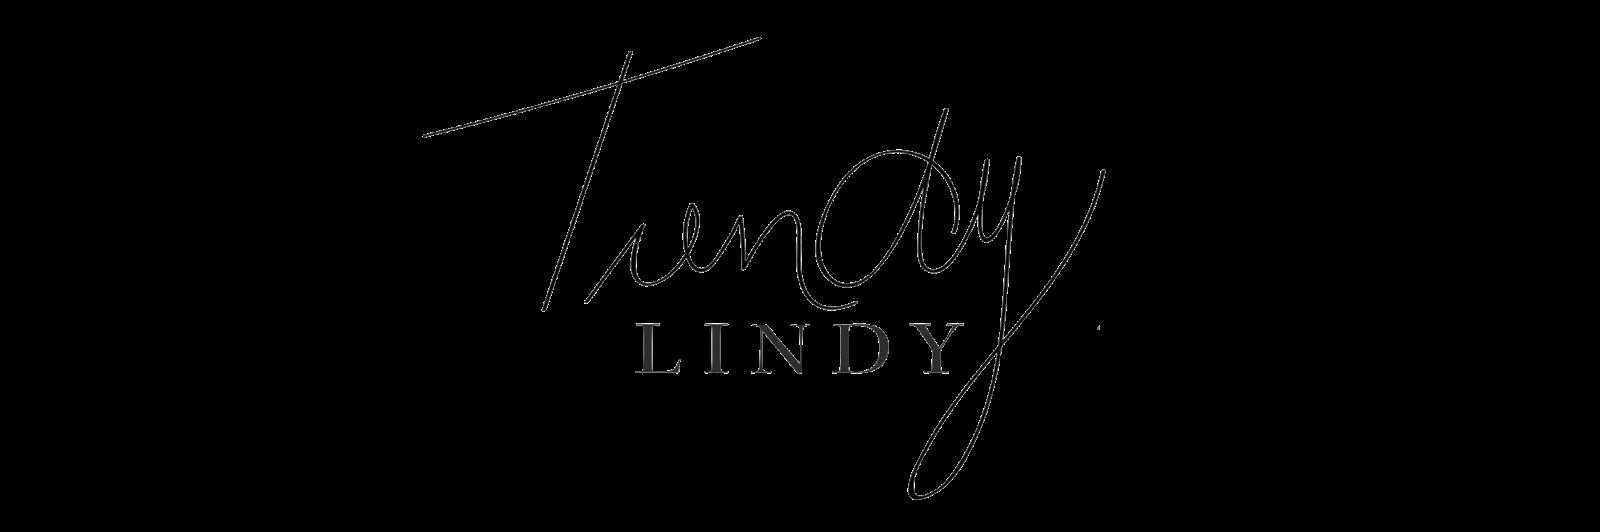 TrendyLindy